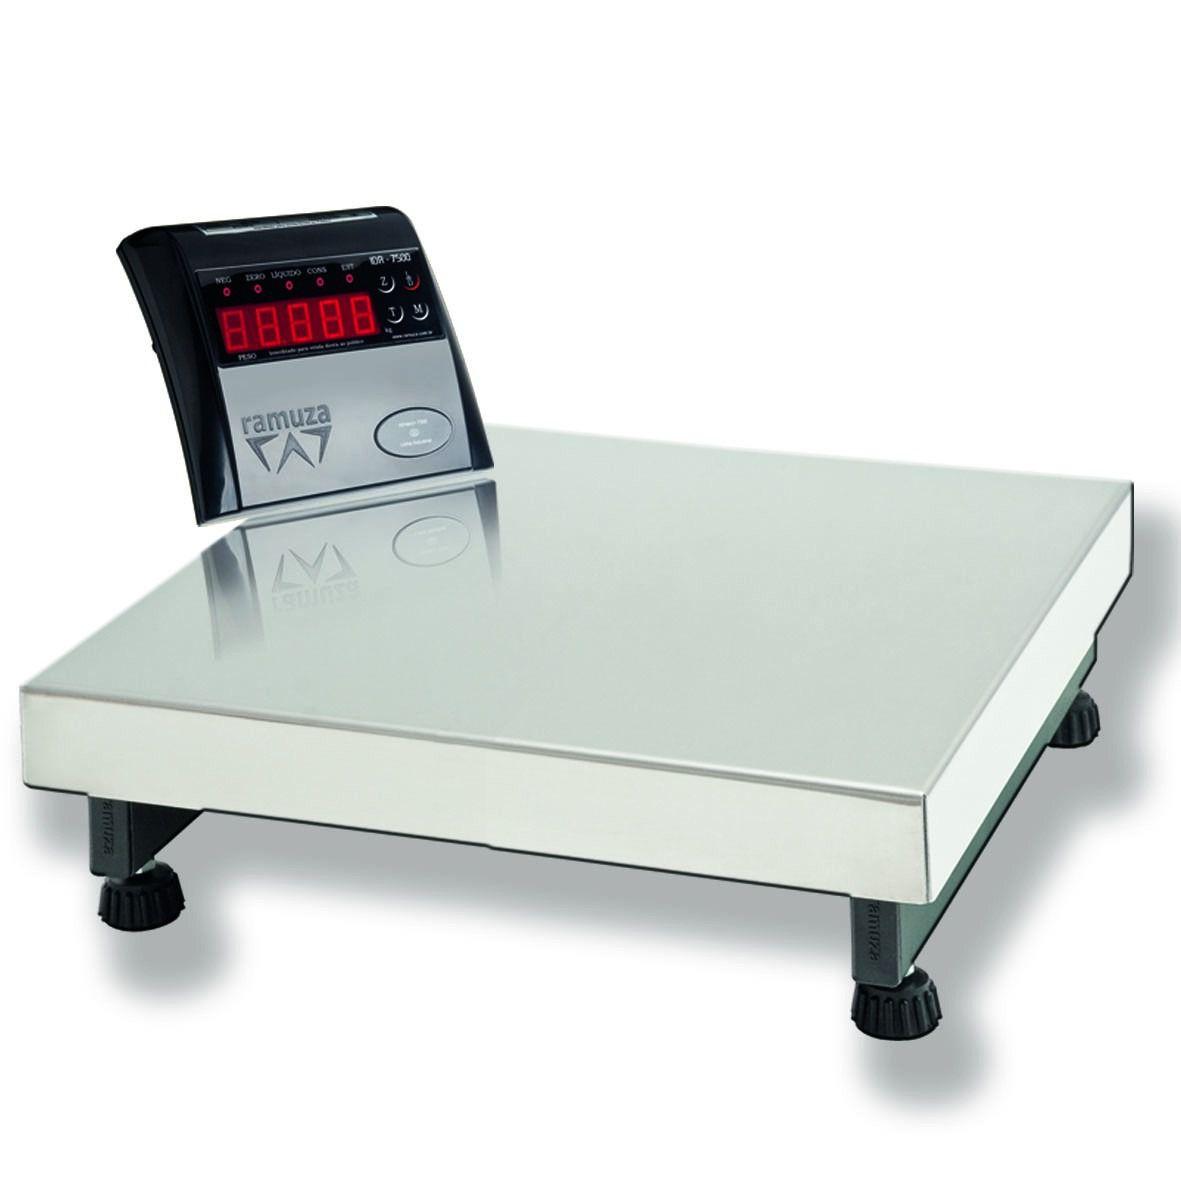 Balança Industrial Ramuza com Plataforma 200 Kg - Dp-200  - Carmel Equipamentos